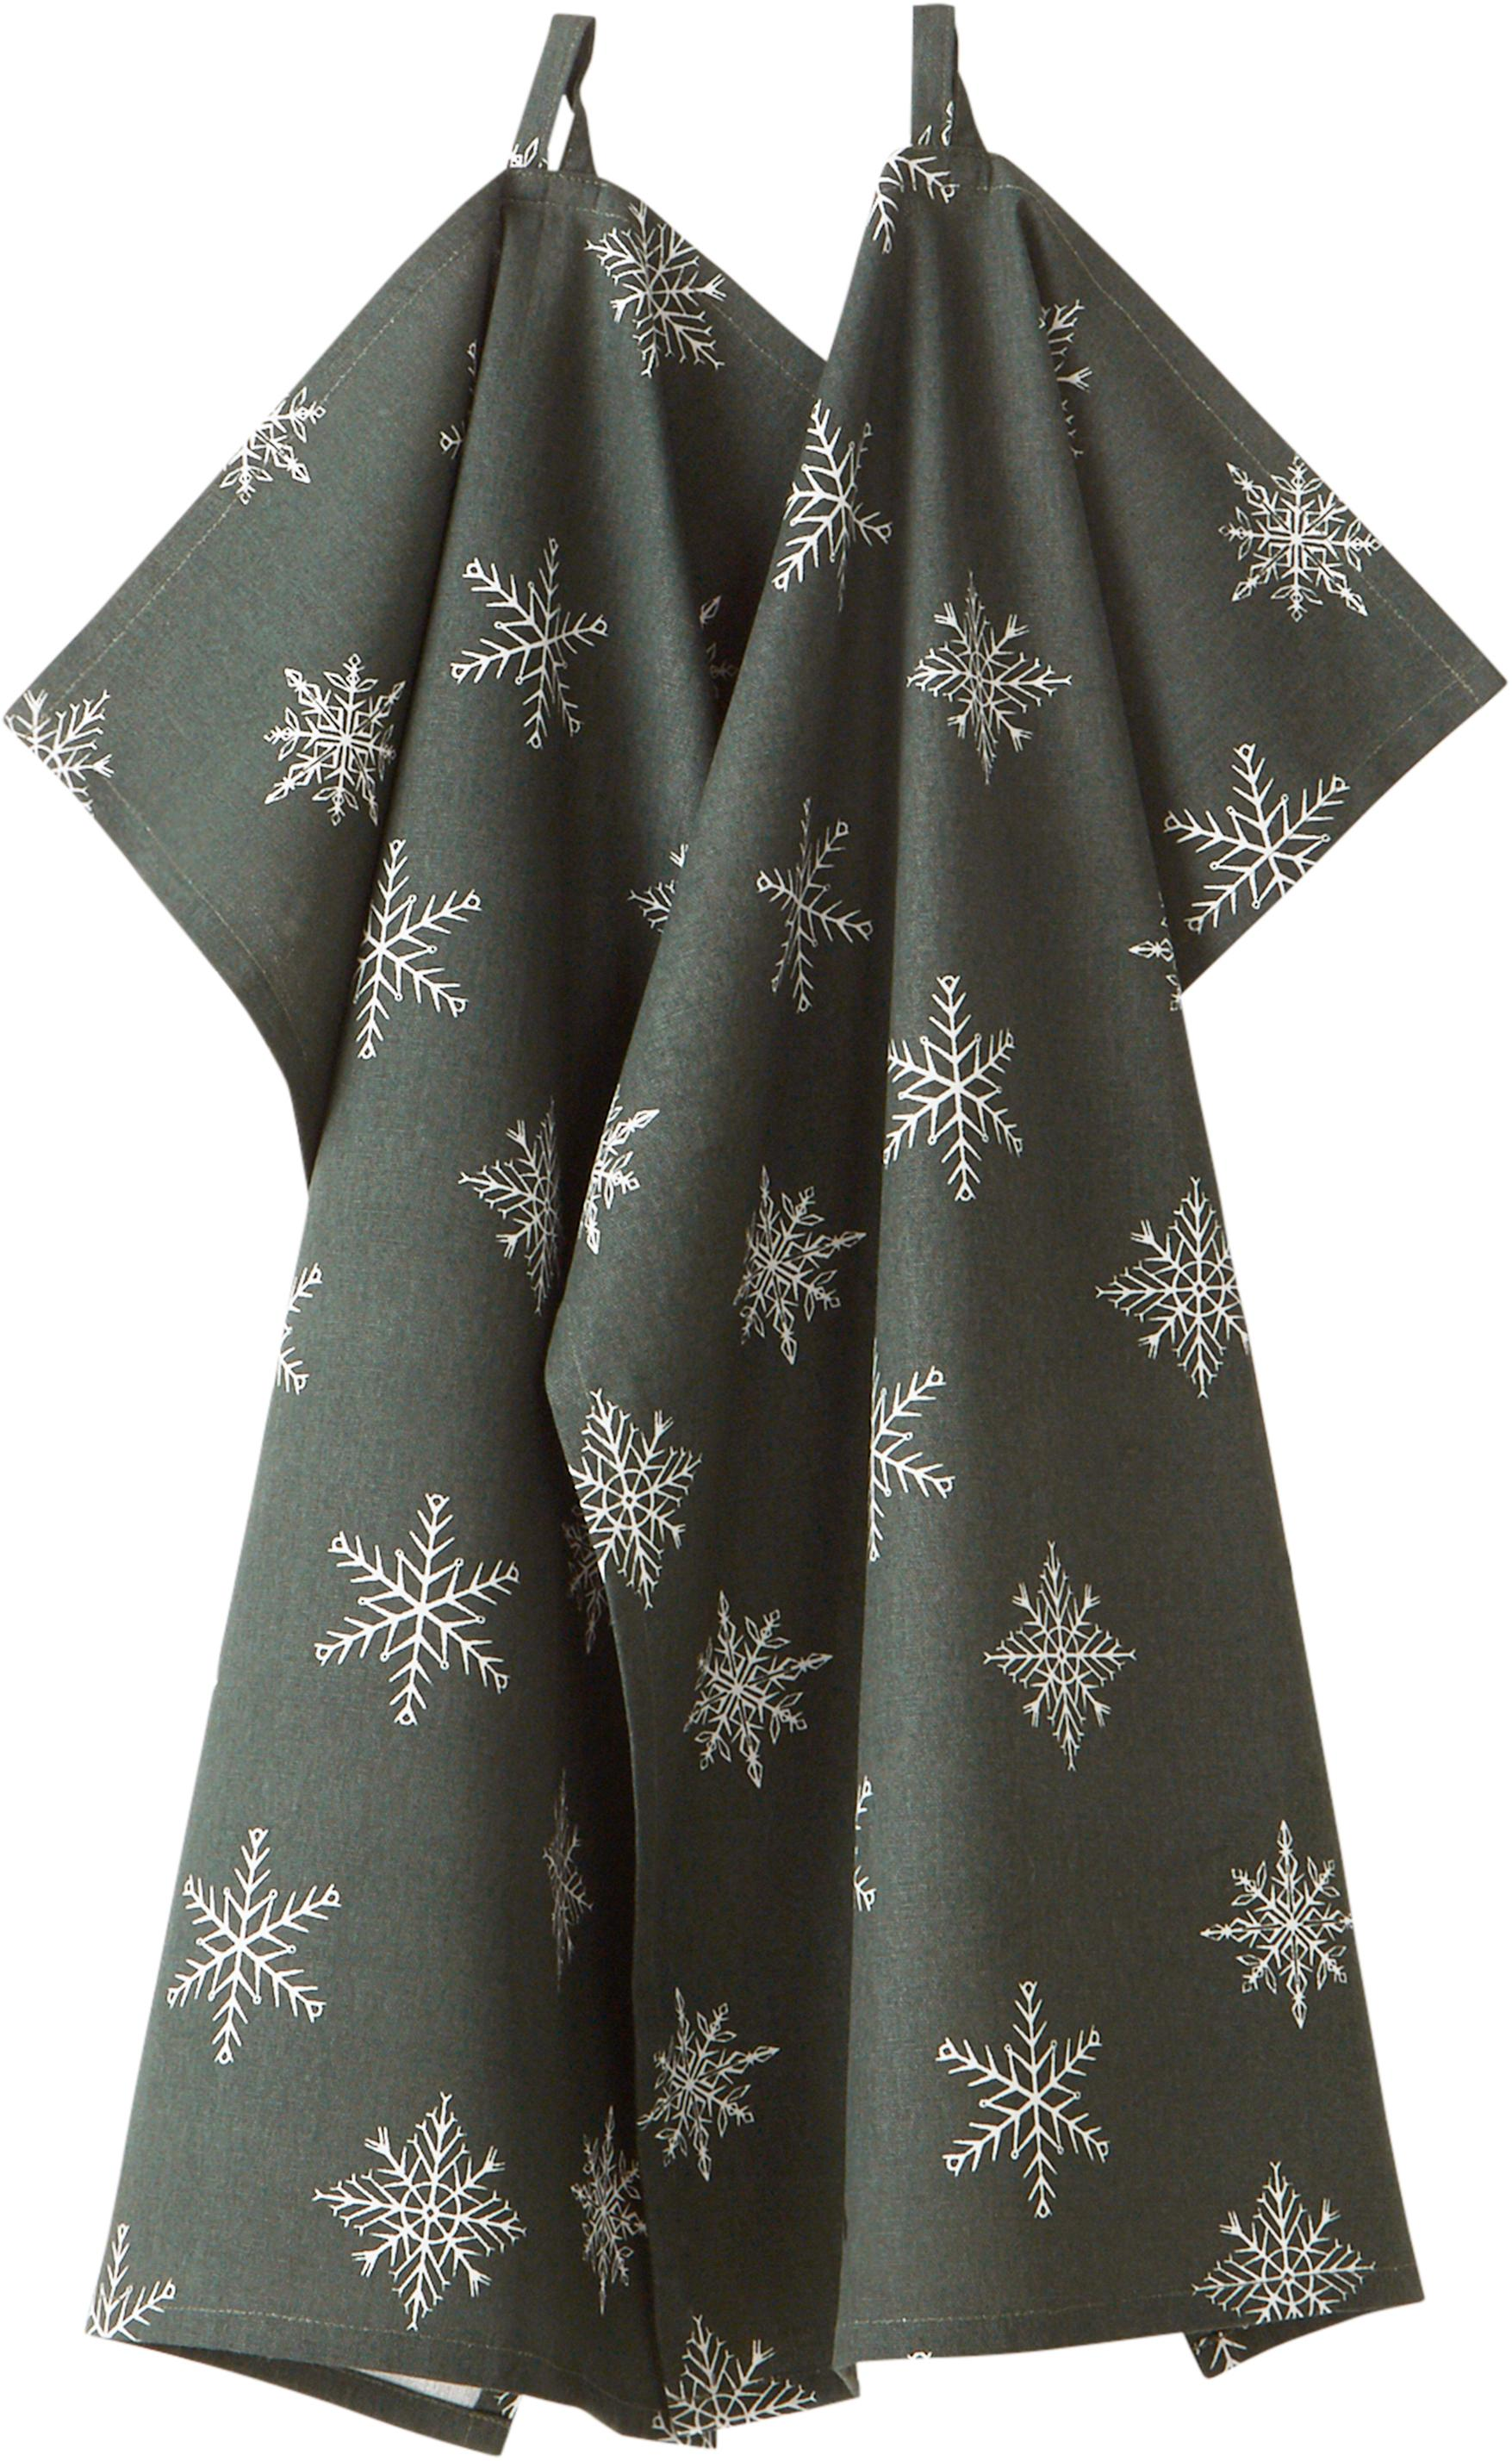 Paños de cocina Snow, 2uds., 100%algodón de cultivos sostenible de algodón, Verde, blanco, An 50 x L 70 cm